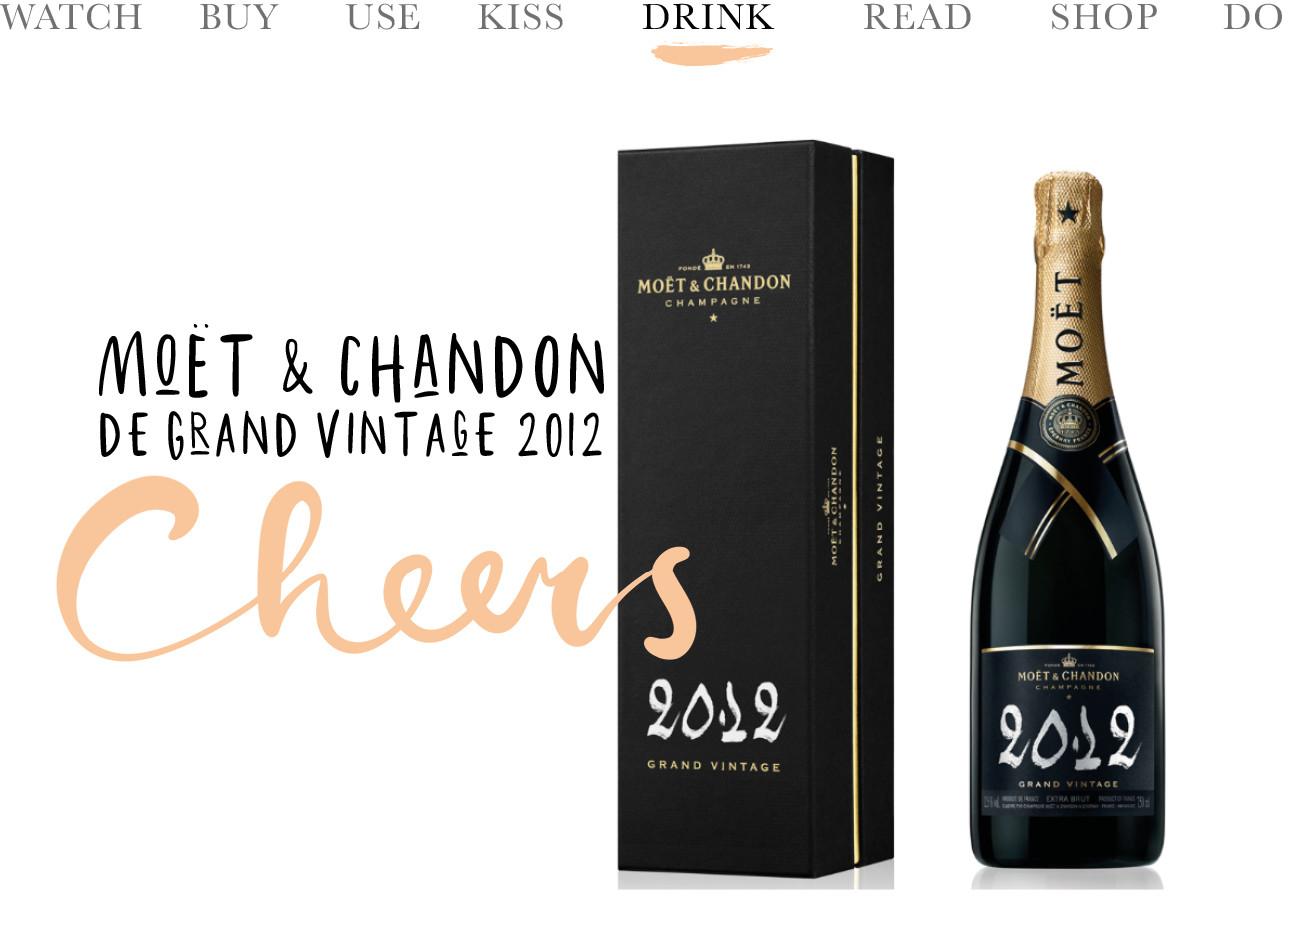 moet et chandon de grand vintage 2012 champagne, donkere fles met doos, cheers